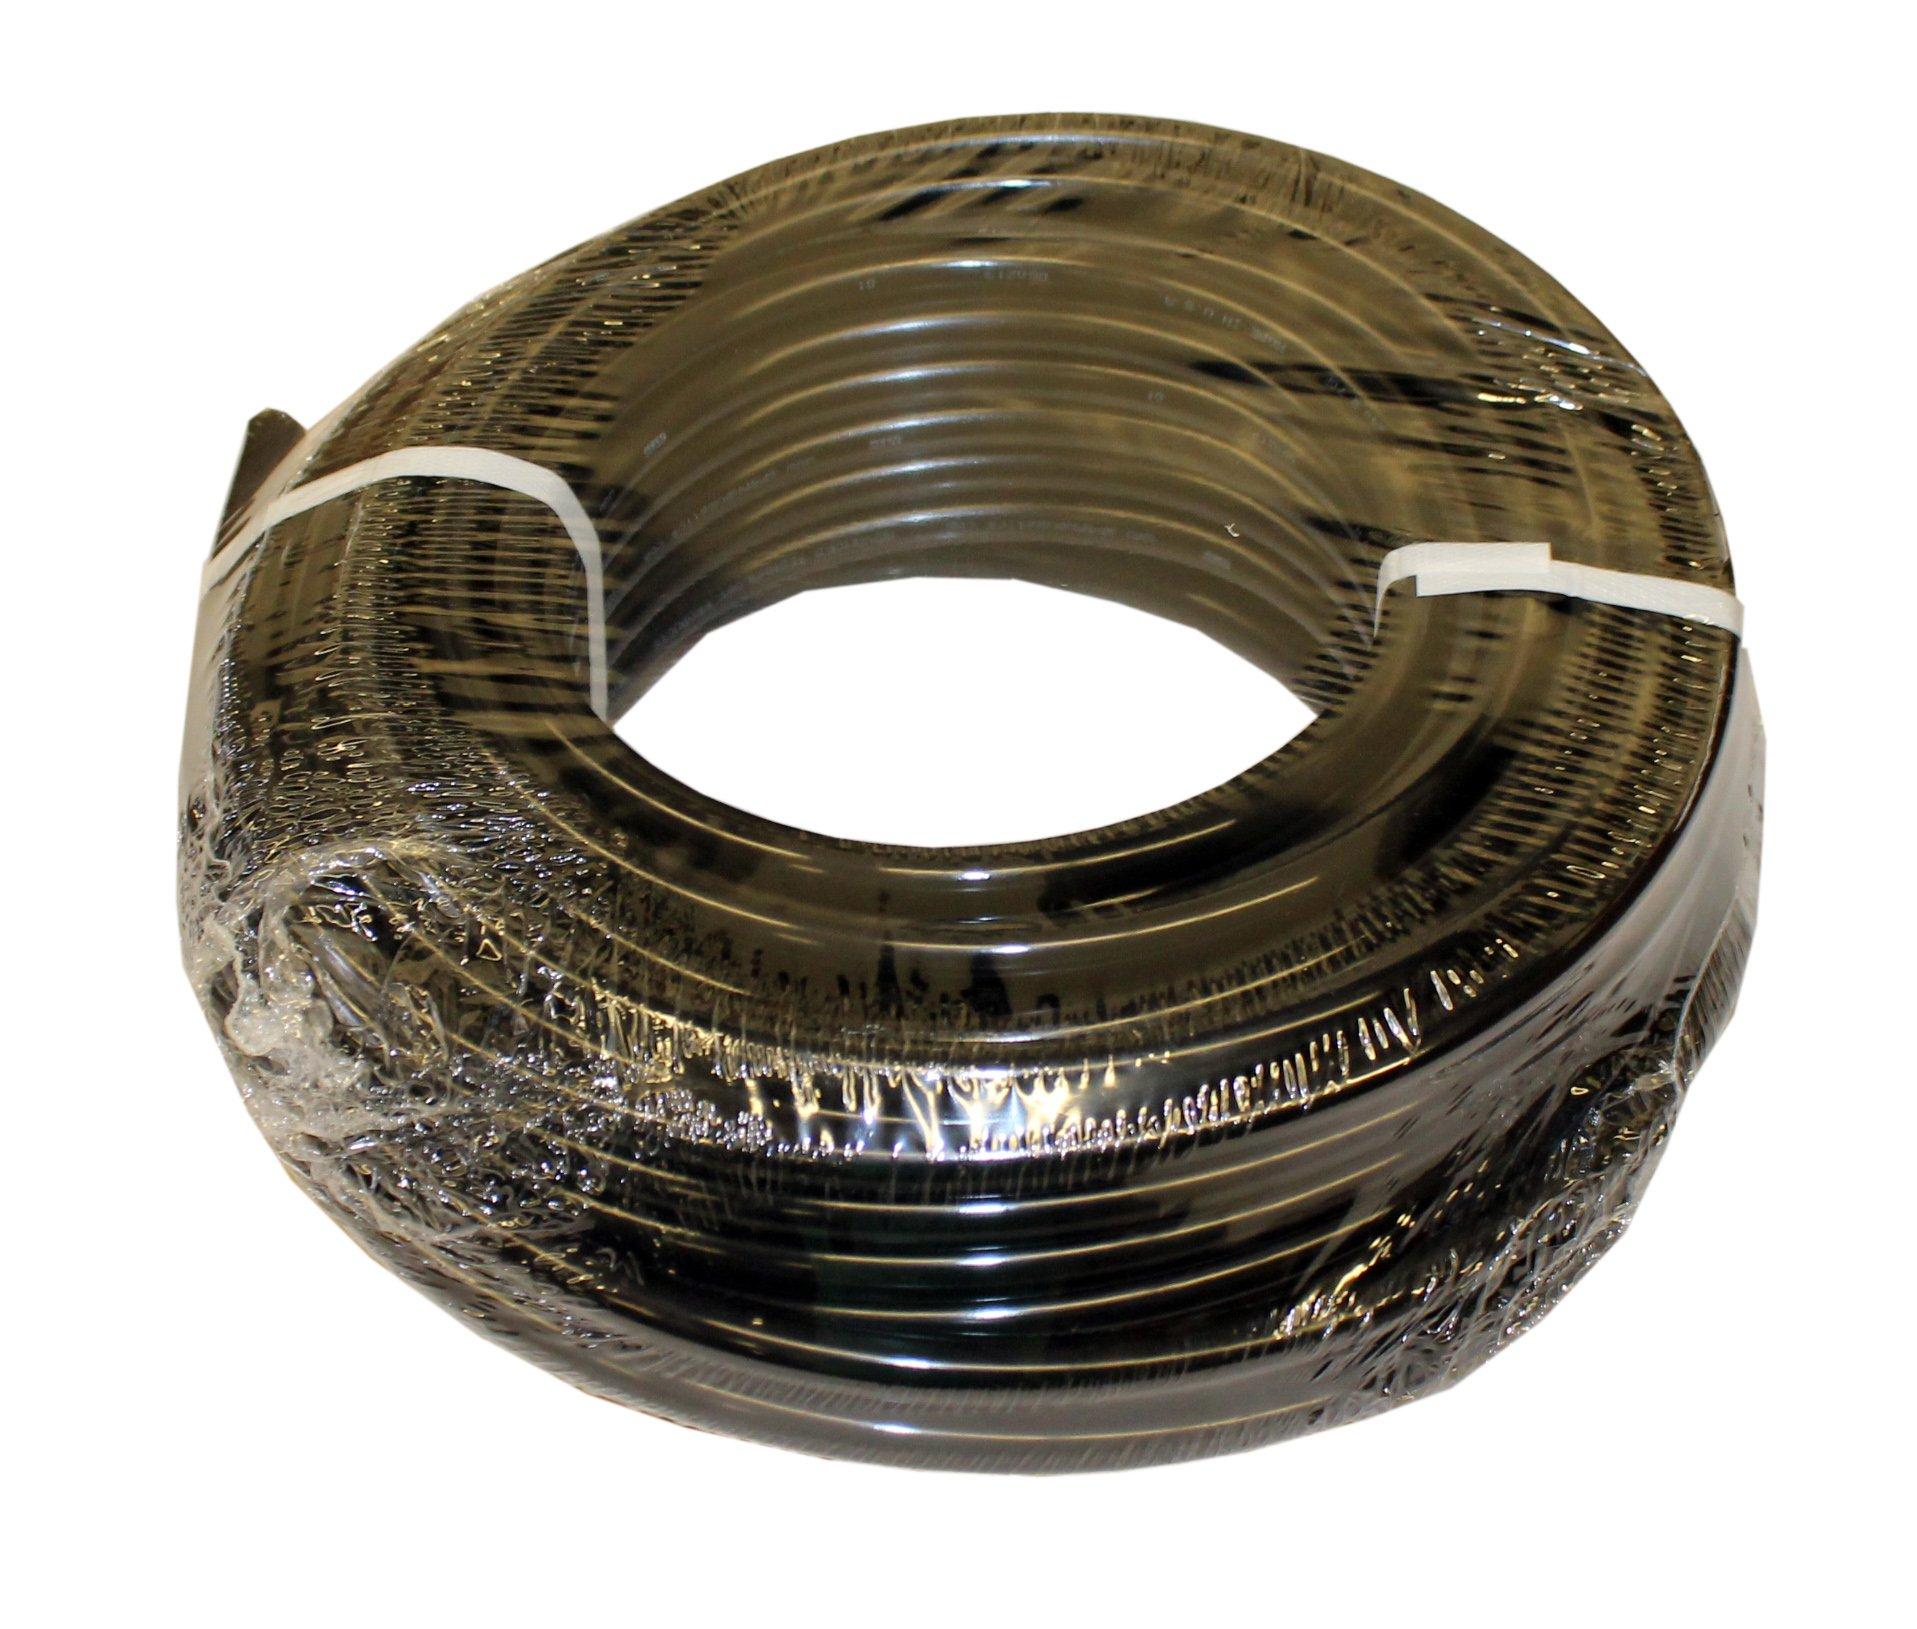 ATP Nylochem Nylon Metric Plastic Tubing, Black, 6 mm ID x 8 mm OD, 500 feet Length